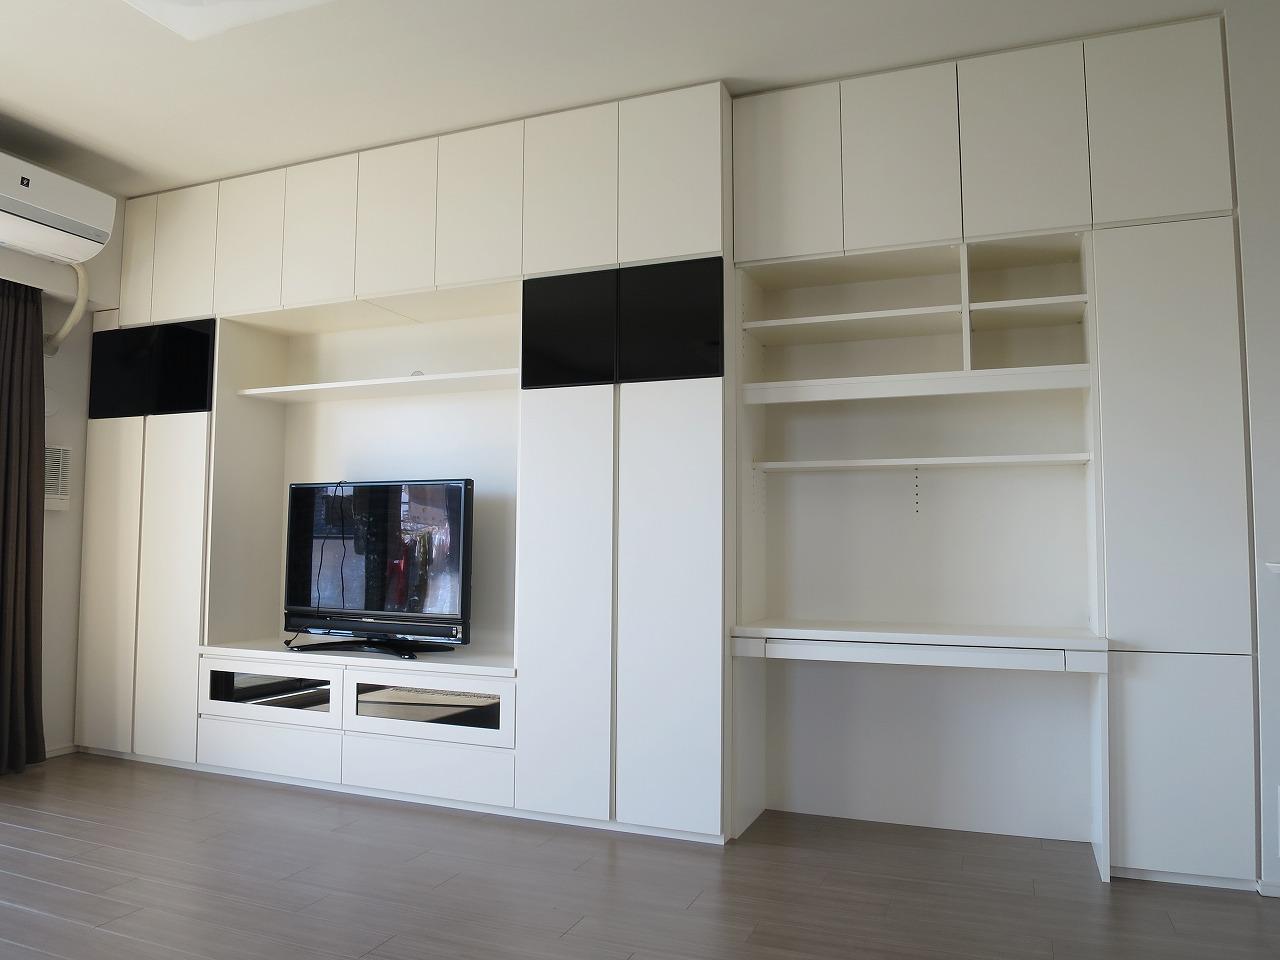 作業デスク付き壁面収納|施工事例|埼玉県・さいたま市|新築マンション